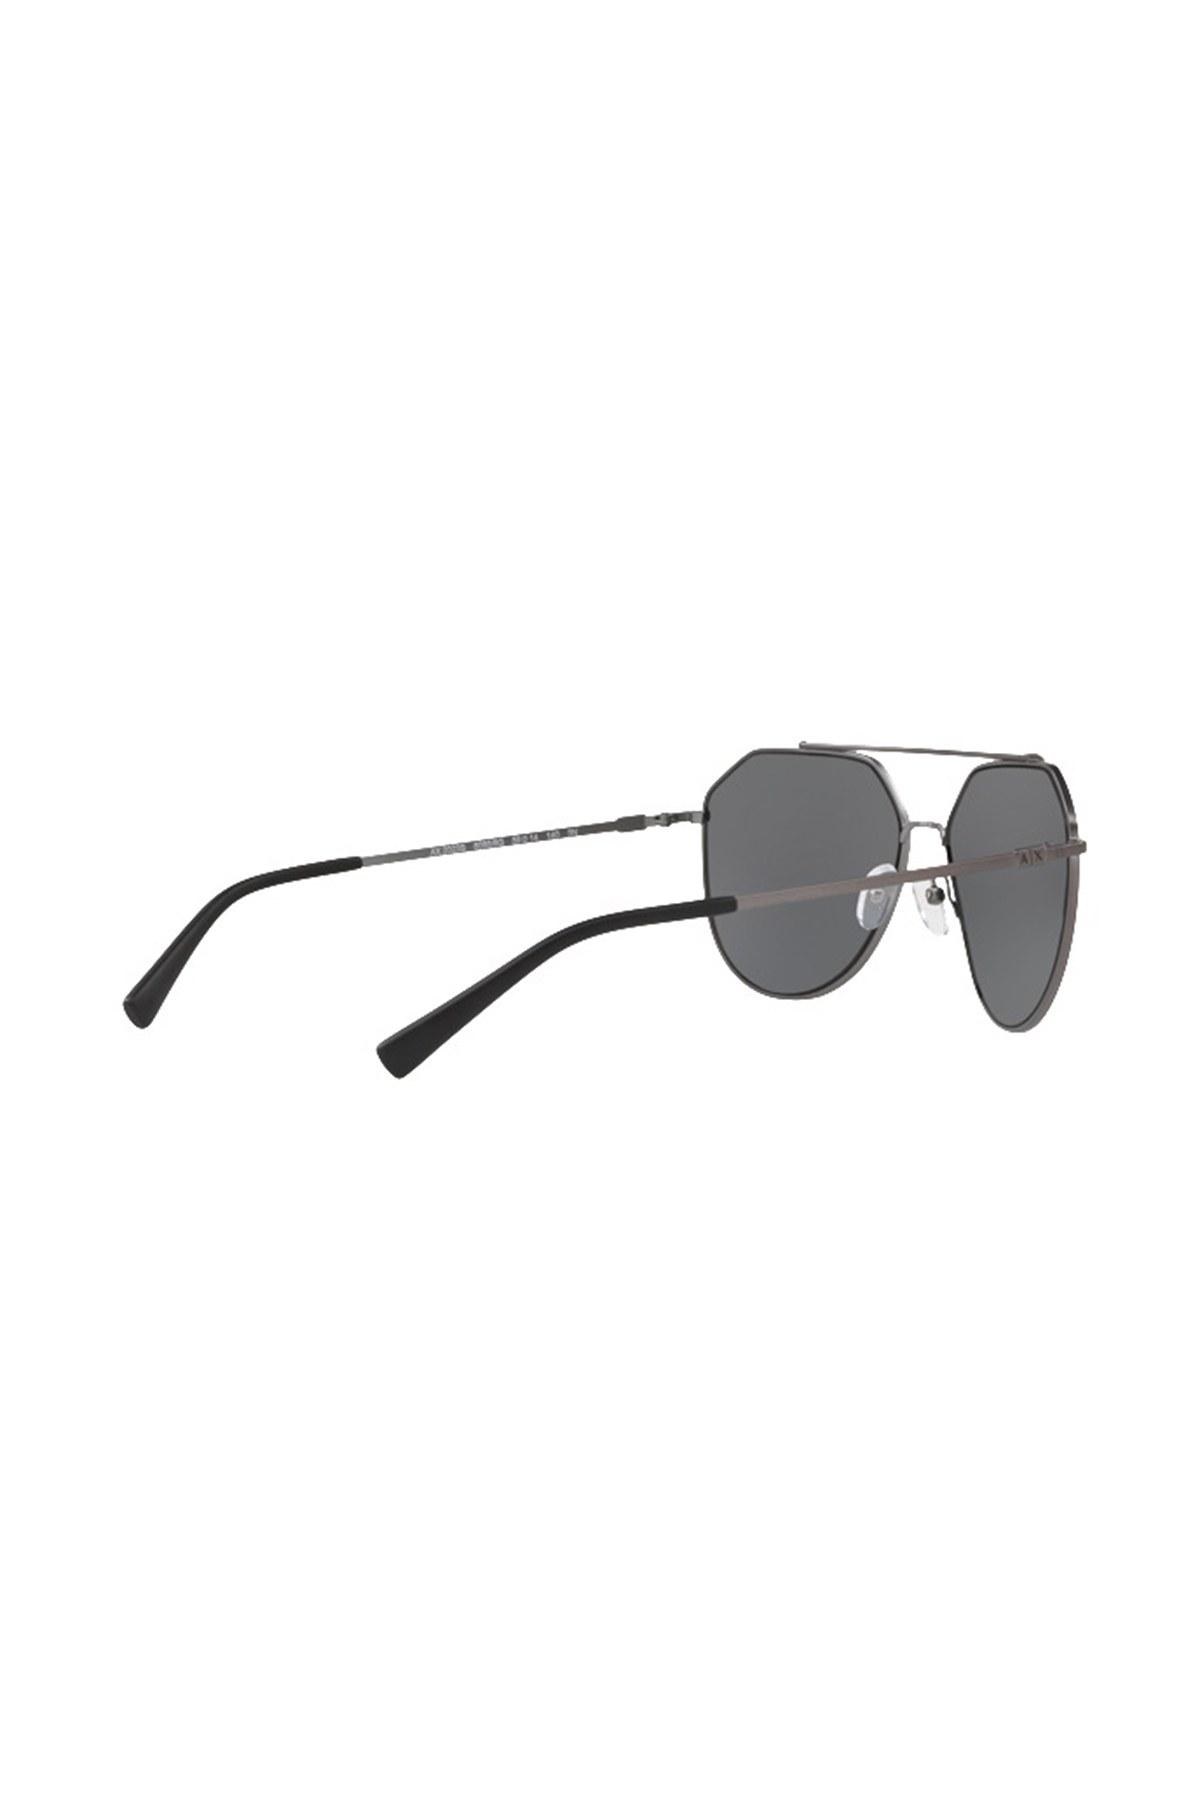 Armani Exchange Aynalı Erkek Gözlük 0AX2023S 60886G 59 KOYU GRİ